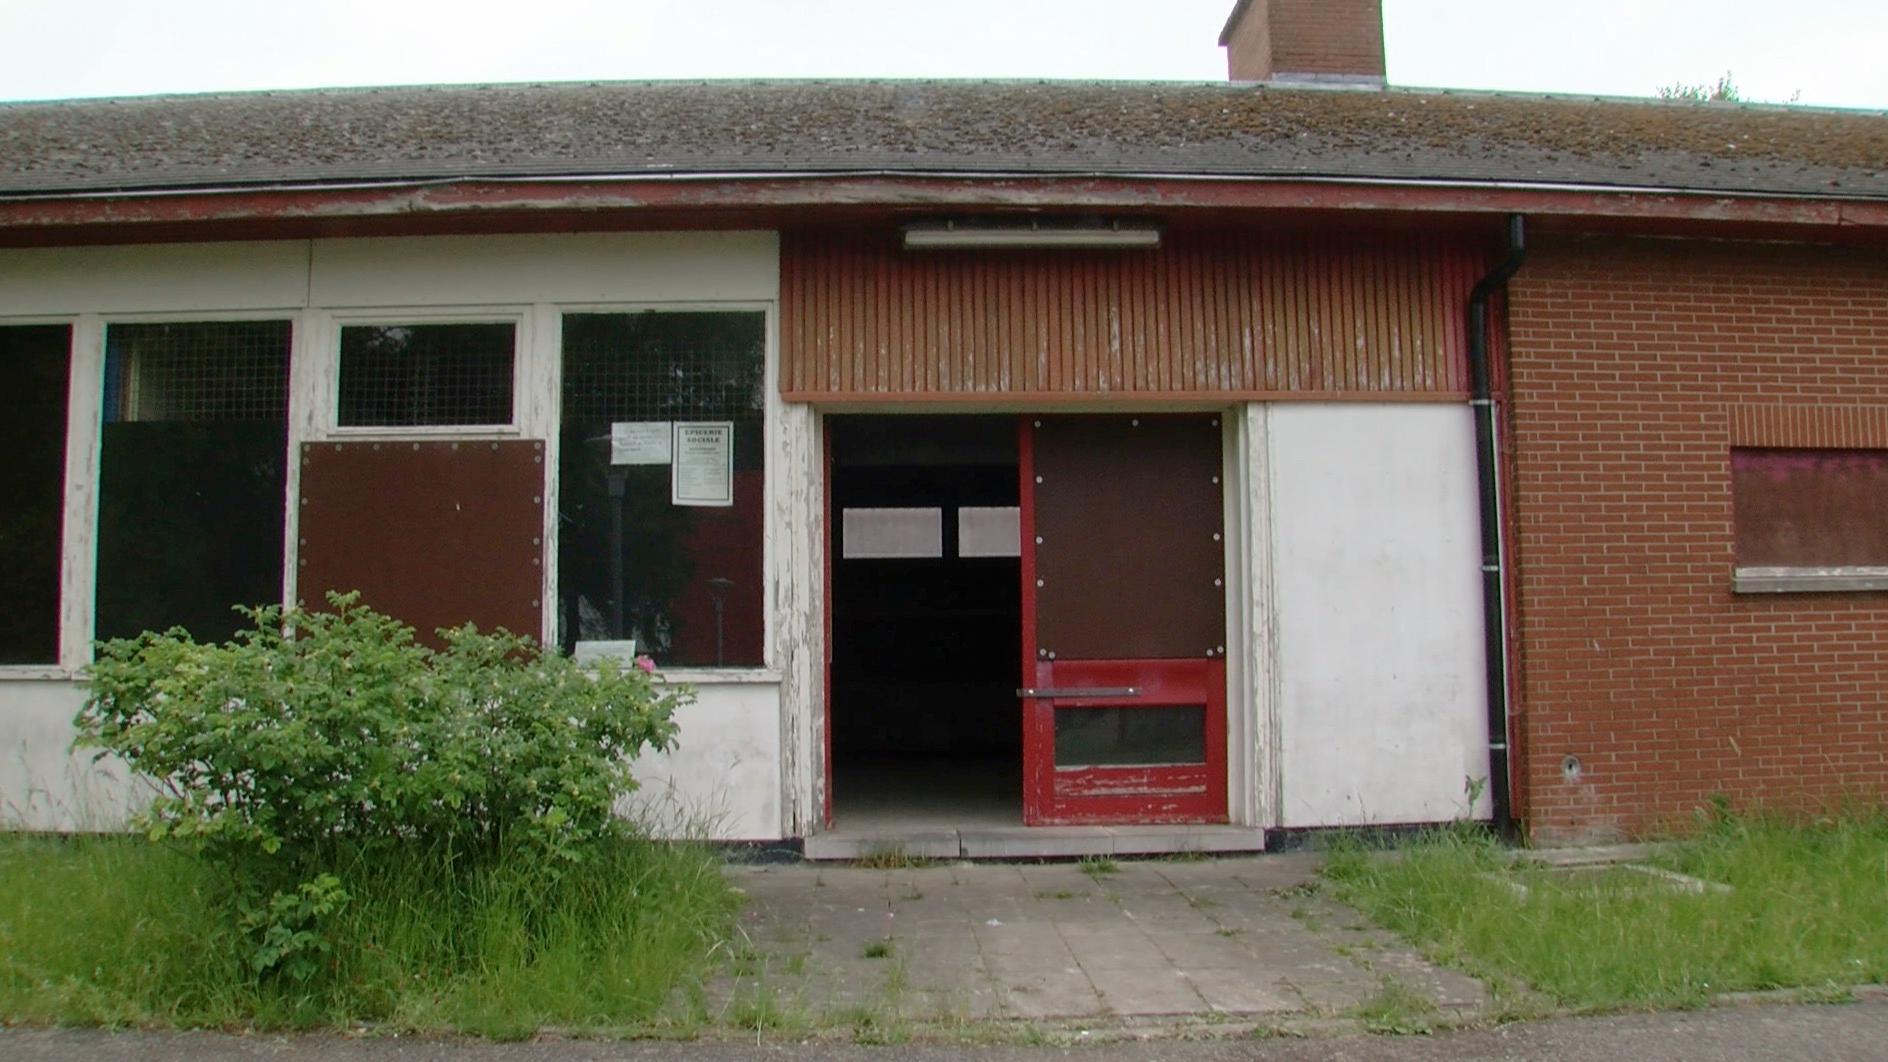 L'ancienne épicerie sociale de Bernissart touchée par des actes de vandalisme